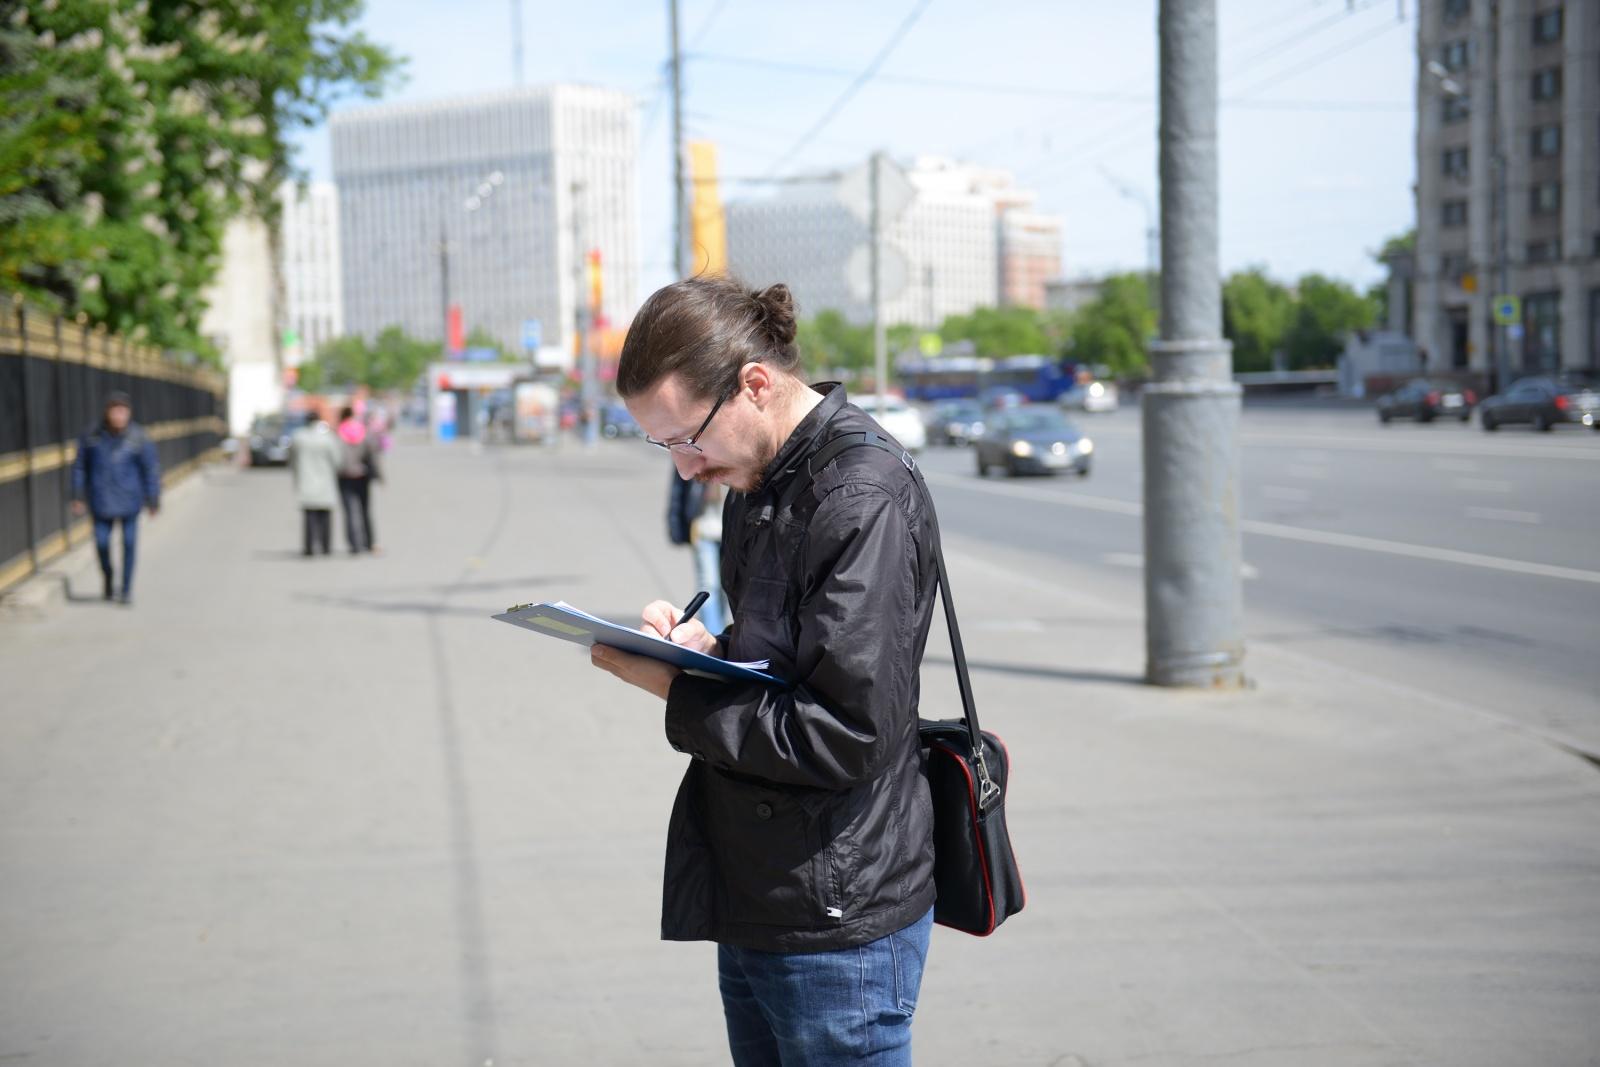 Александр Павлюк: «Мне очень хочется, чтобы в OSM постепенно появлялись планы зданий» - 2